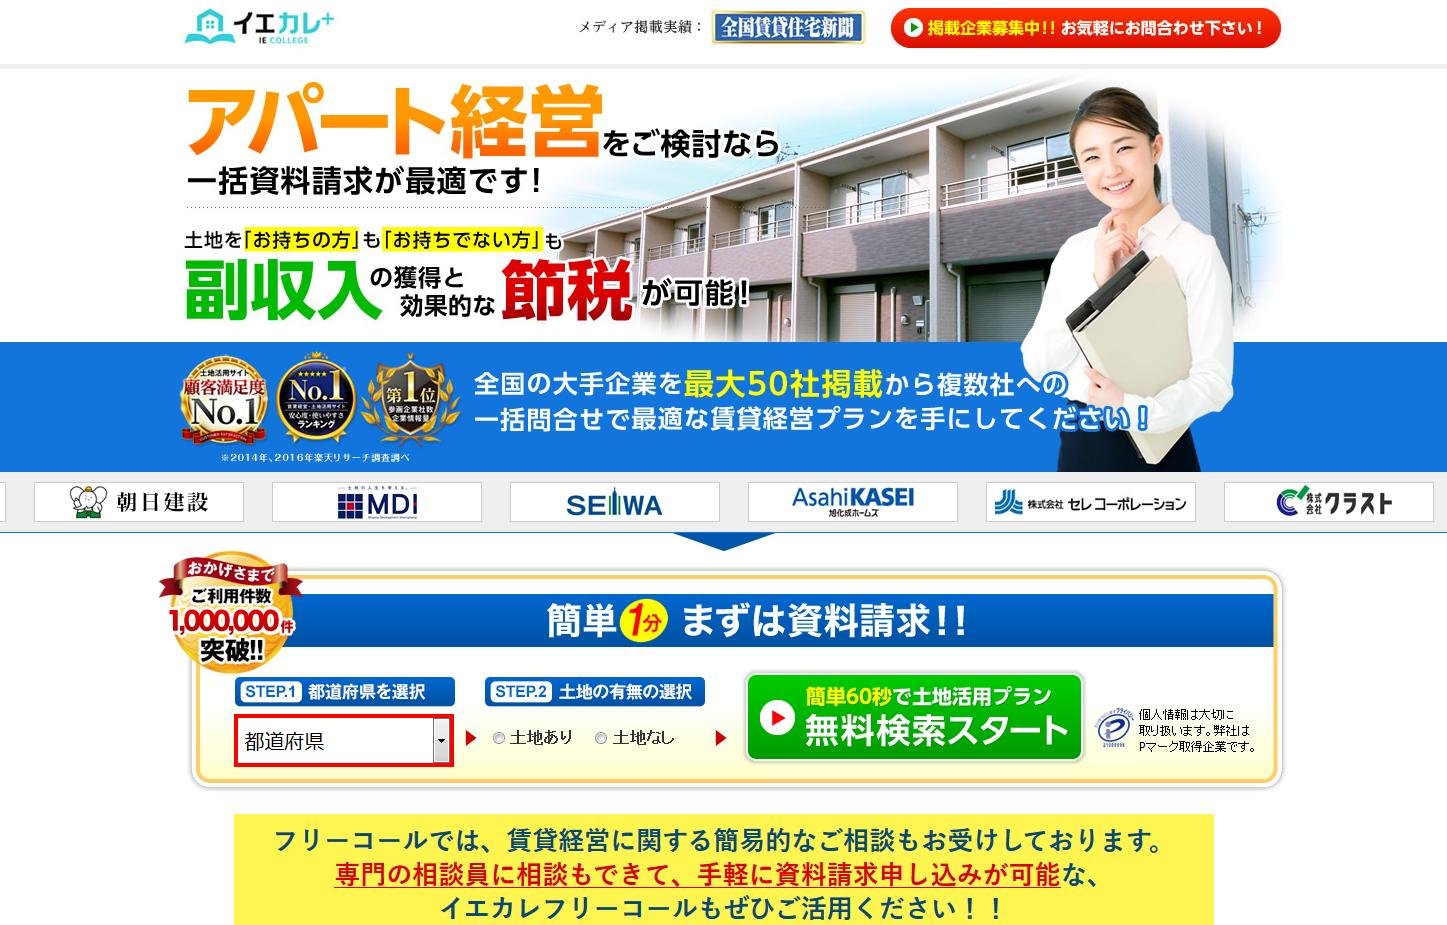 アパート経営・土地活用情報の一括比較情報サイト